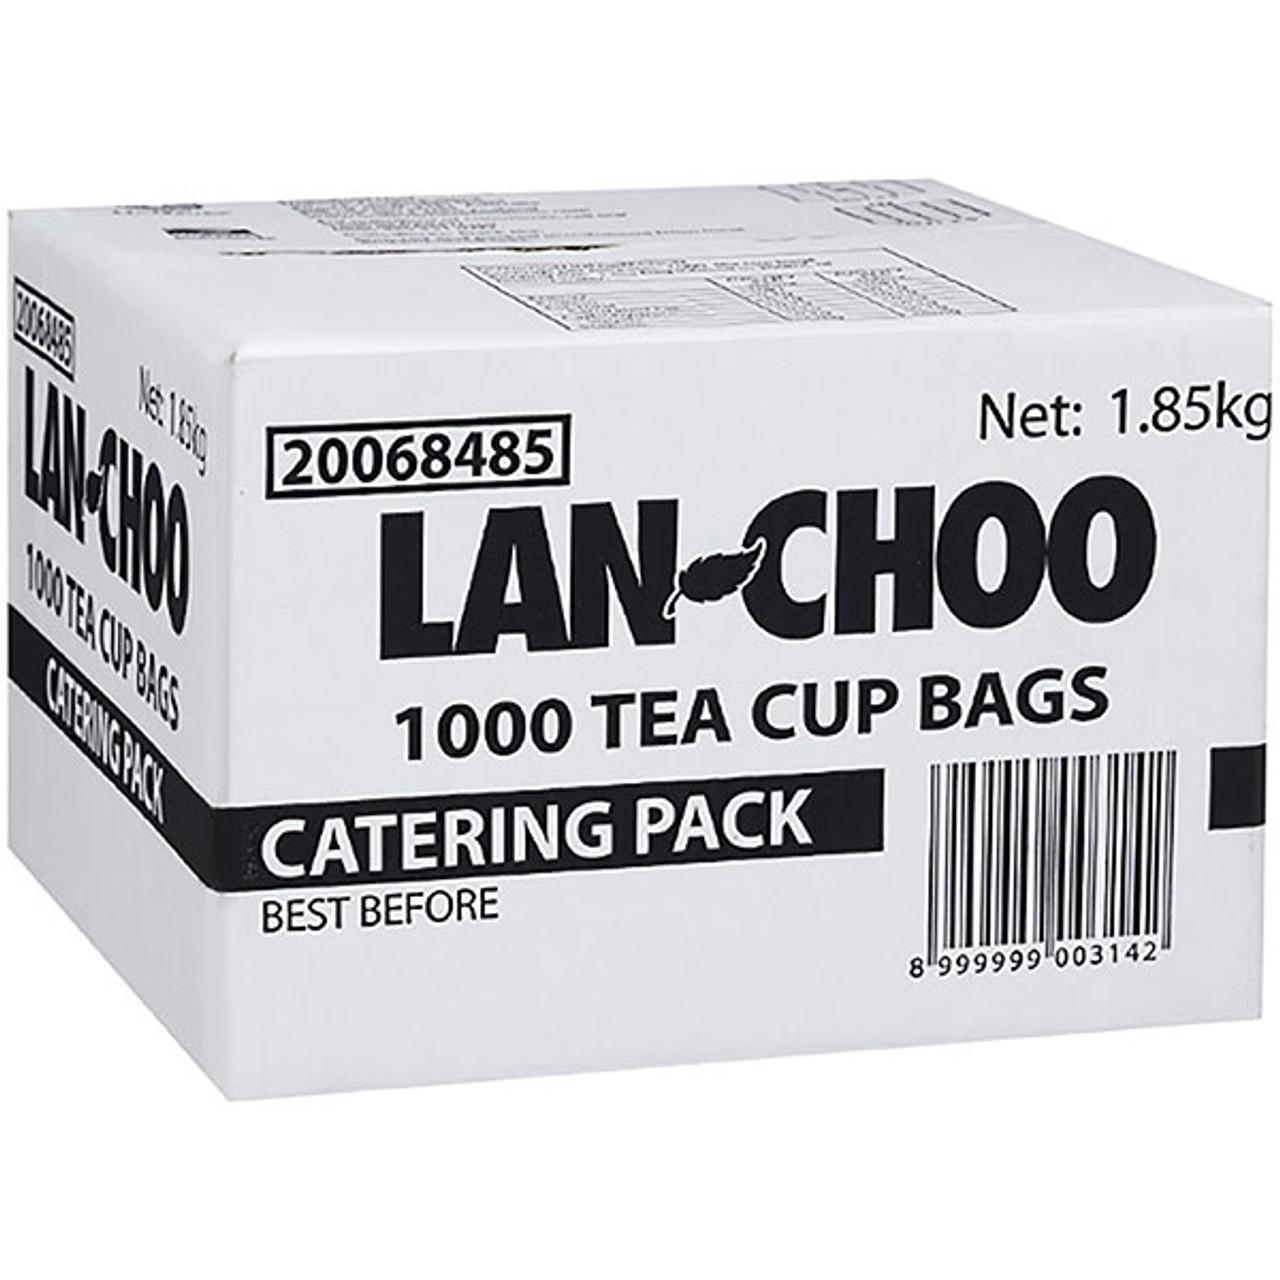 LAN-CHOO 20068485 BLACK TEA CUP BAGS (STRING & TAG) CATERING PACK OF 1000